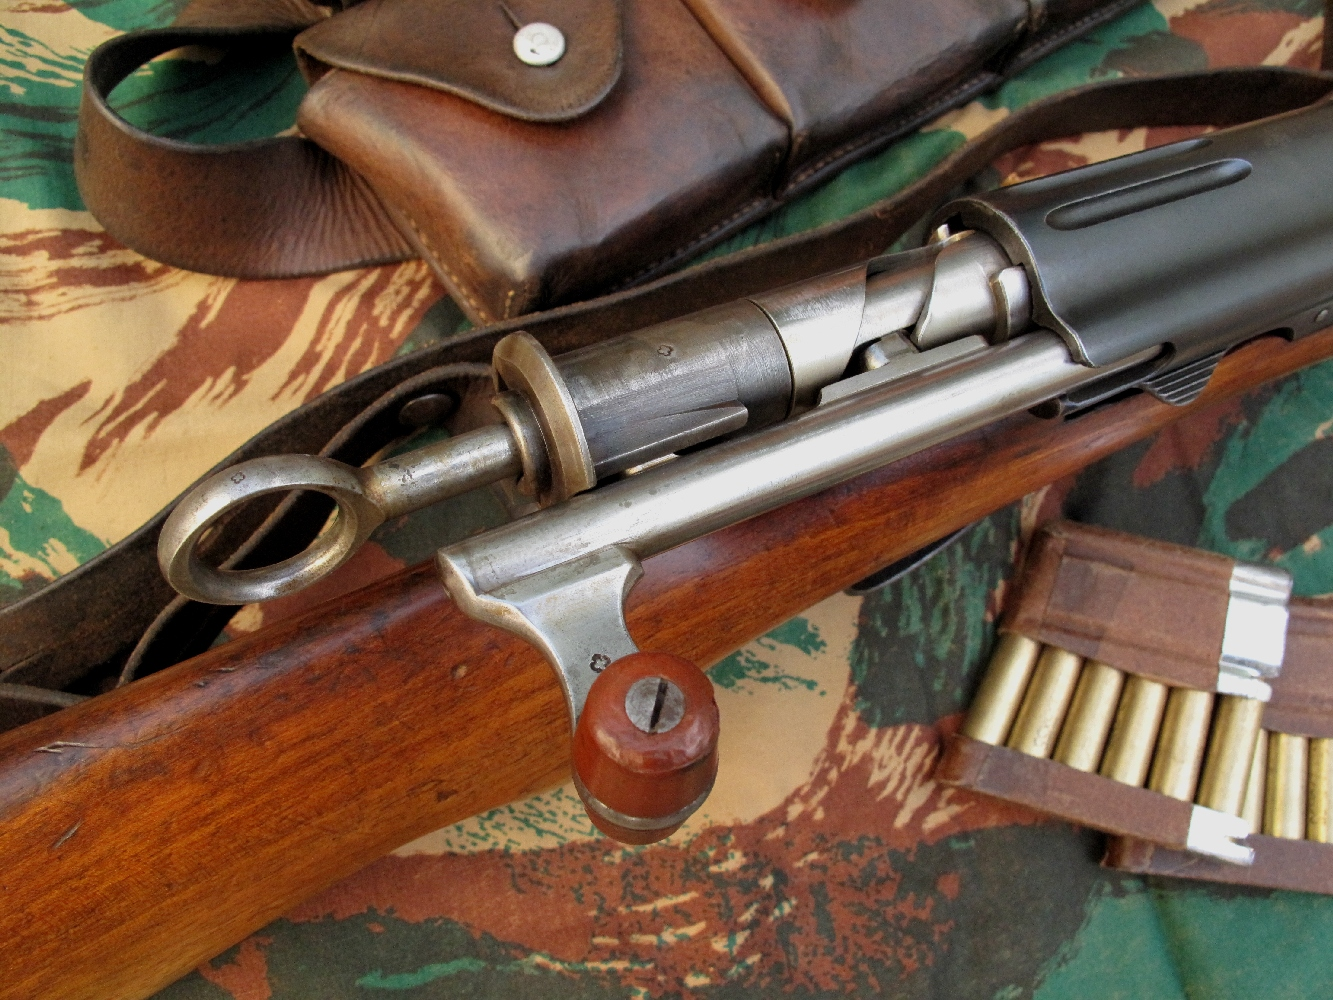 Les fusils d'ordonnance suisse Schmidt-Rubin se démarquent par leur exceptionnelle qualité de fabrication et leur système à répétition commandé au moyen d'une culasse à mouvement rectiligne particulièrement facile et rapide à manœuvrer.